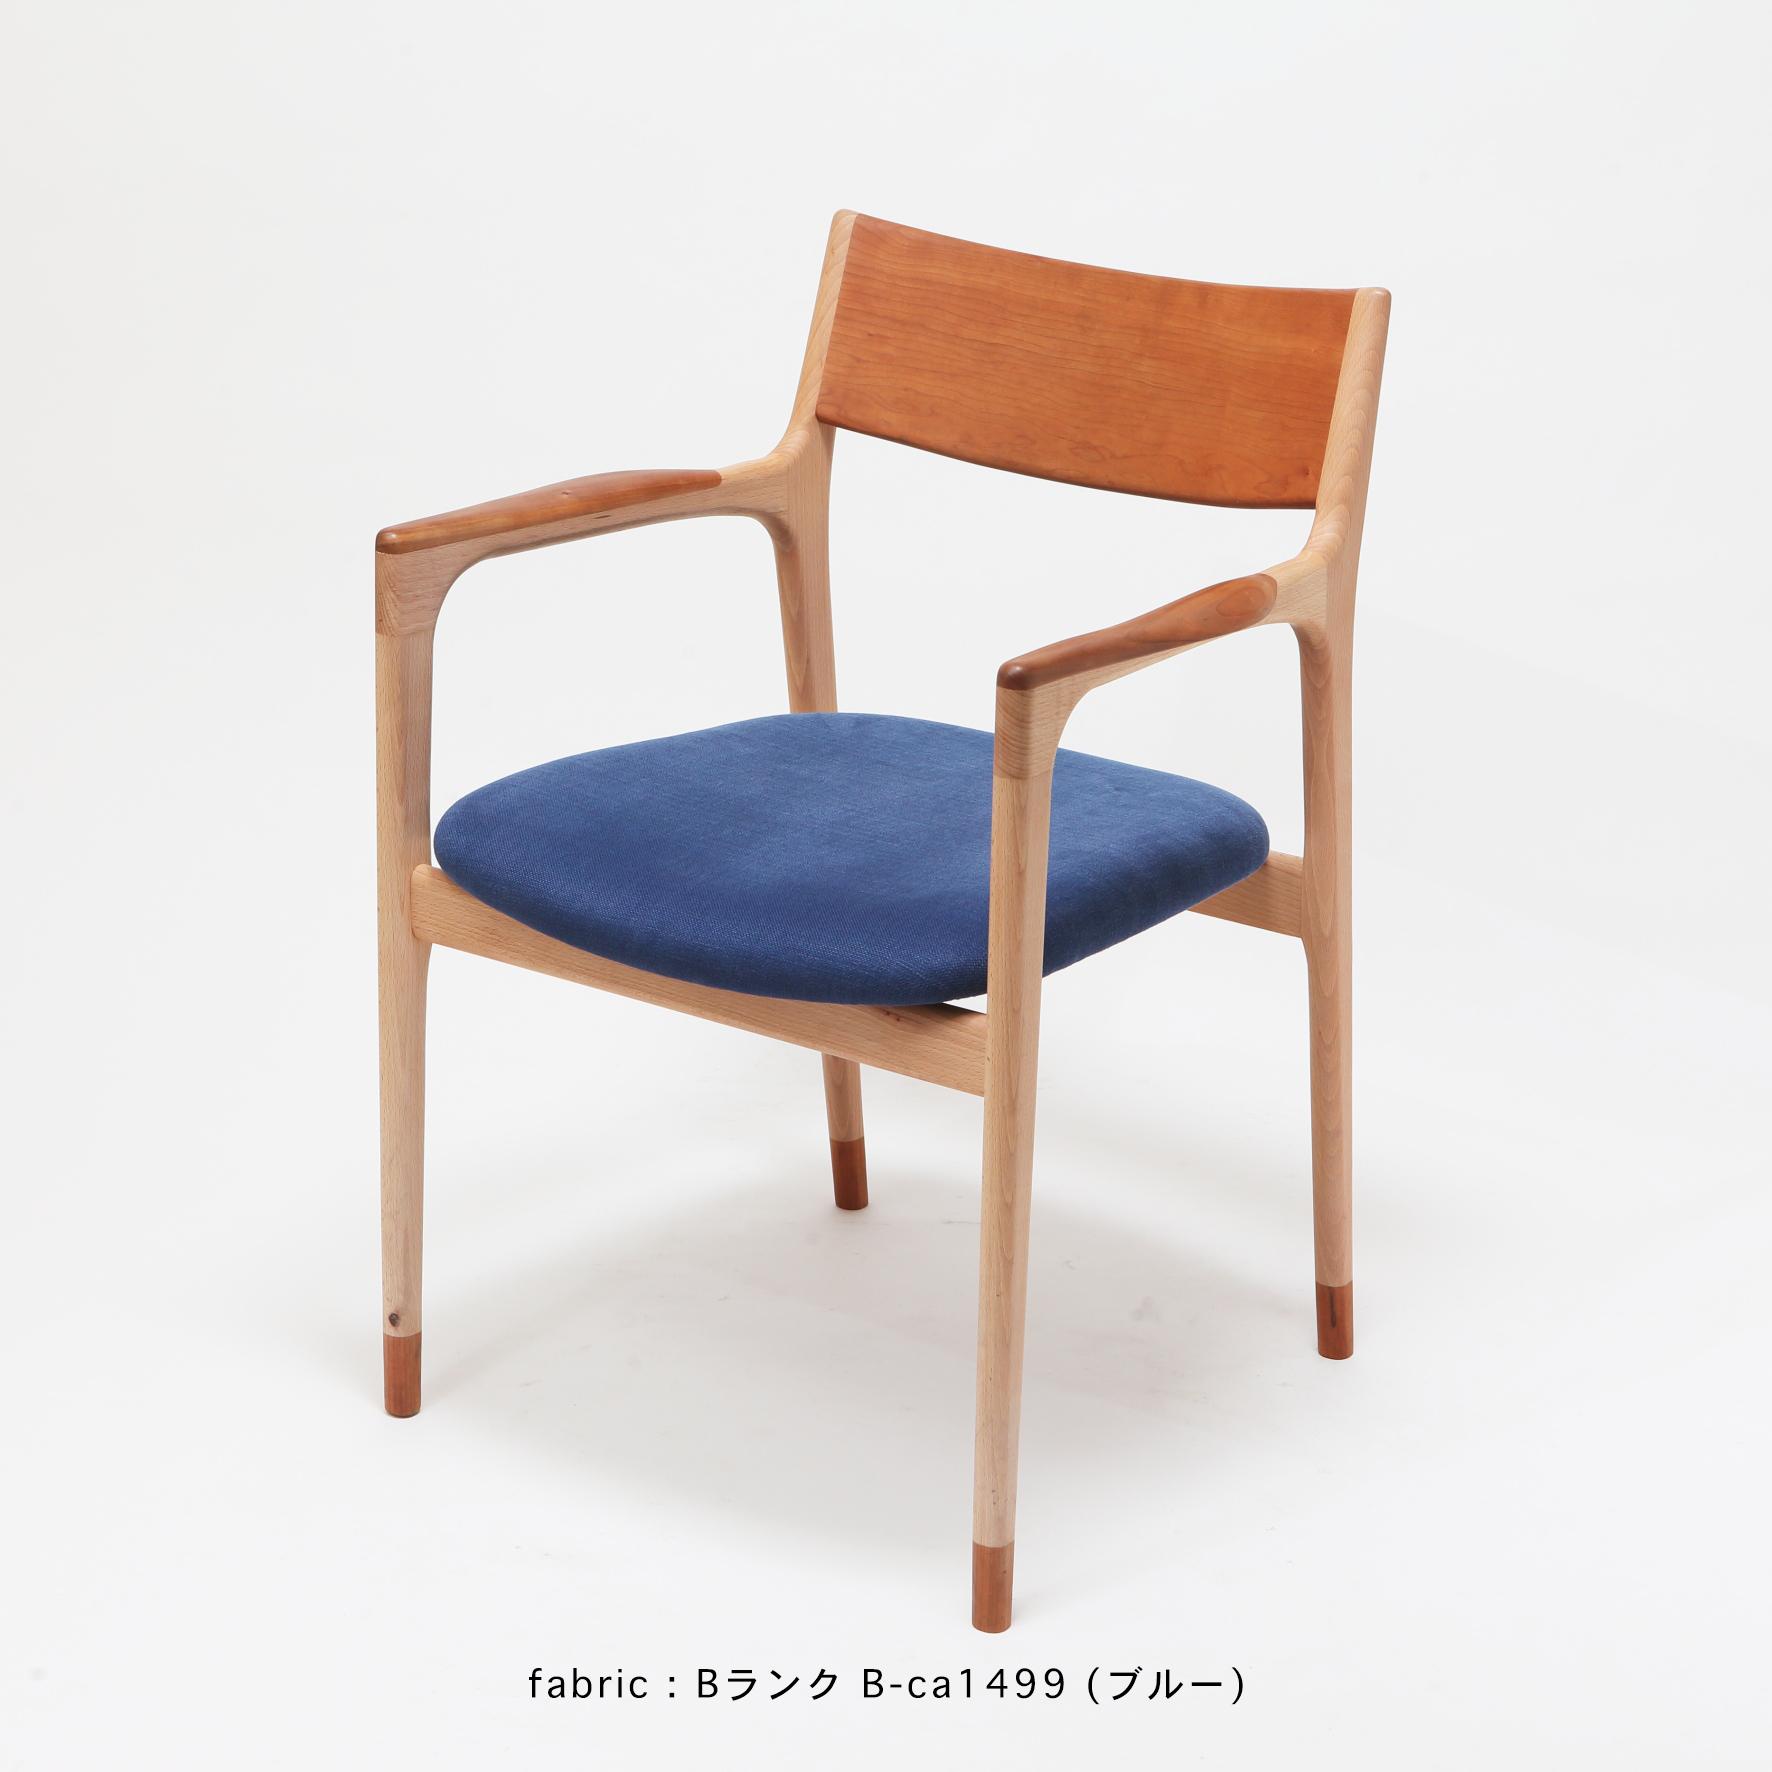 IO004-BNBC